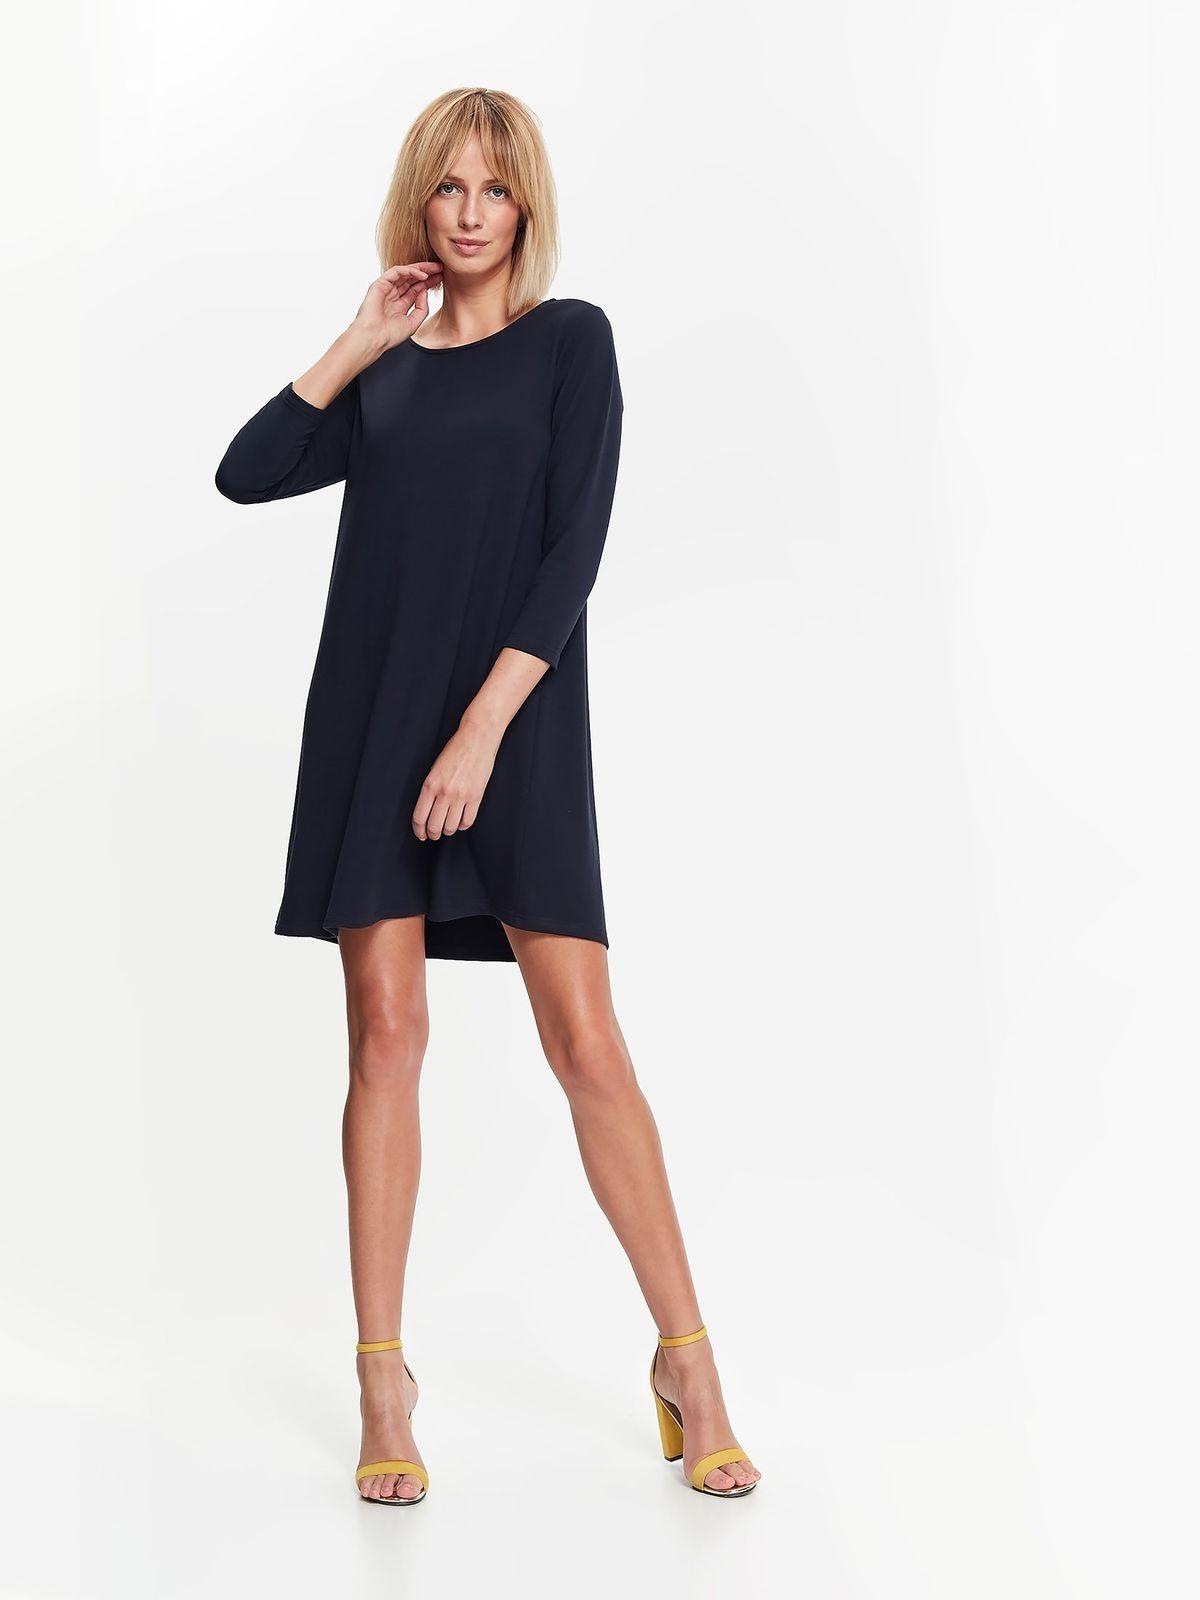 Top Am Kleid KaufenOtto Secret Mit Rücken Ausschnitt iPuwOlTkXZ